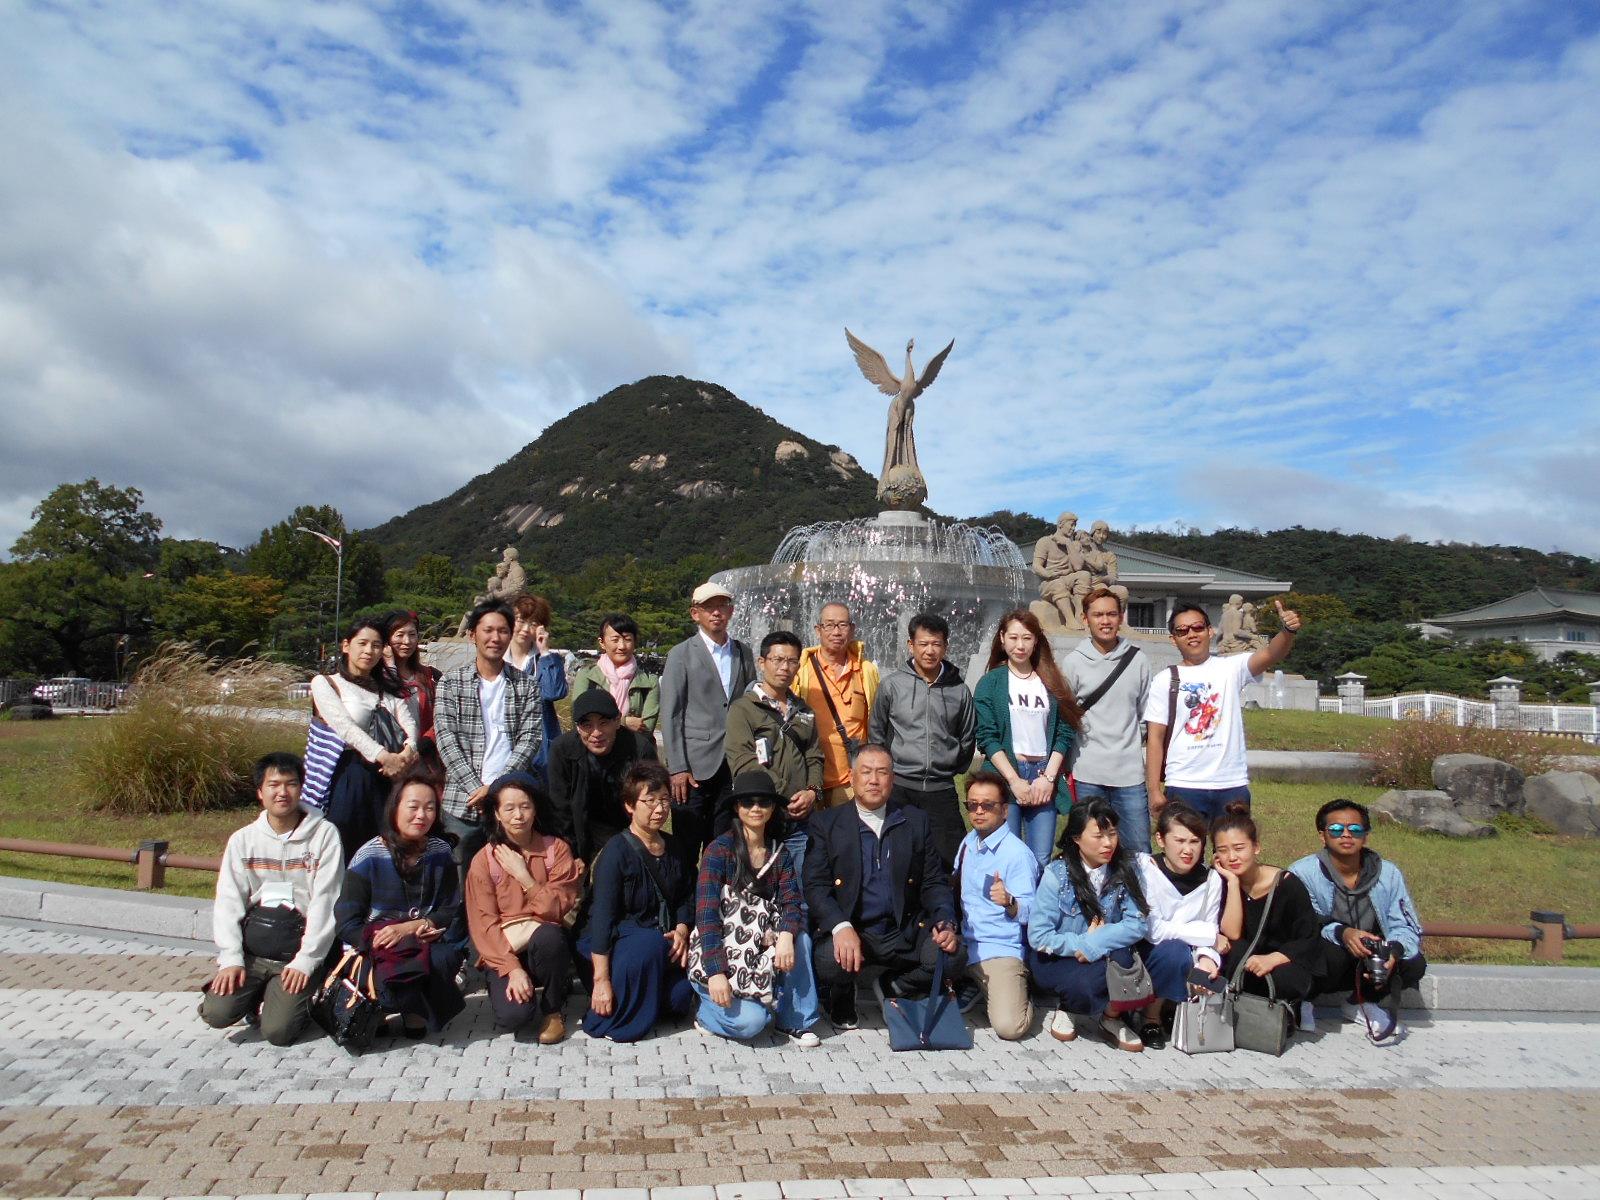 2018年社員旅行(海外組:韓国) プレス加工と金型の設計・製作でチャレンジを続ける会社 株式会社フクヤマ